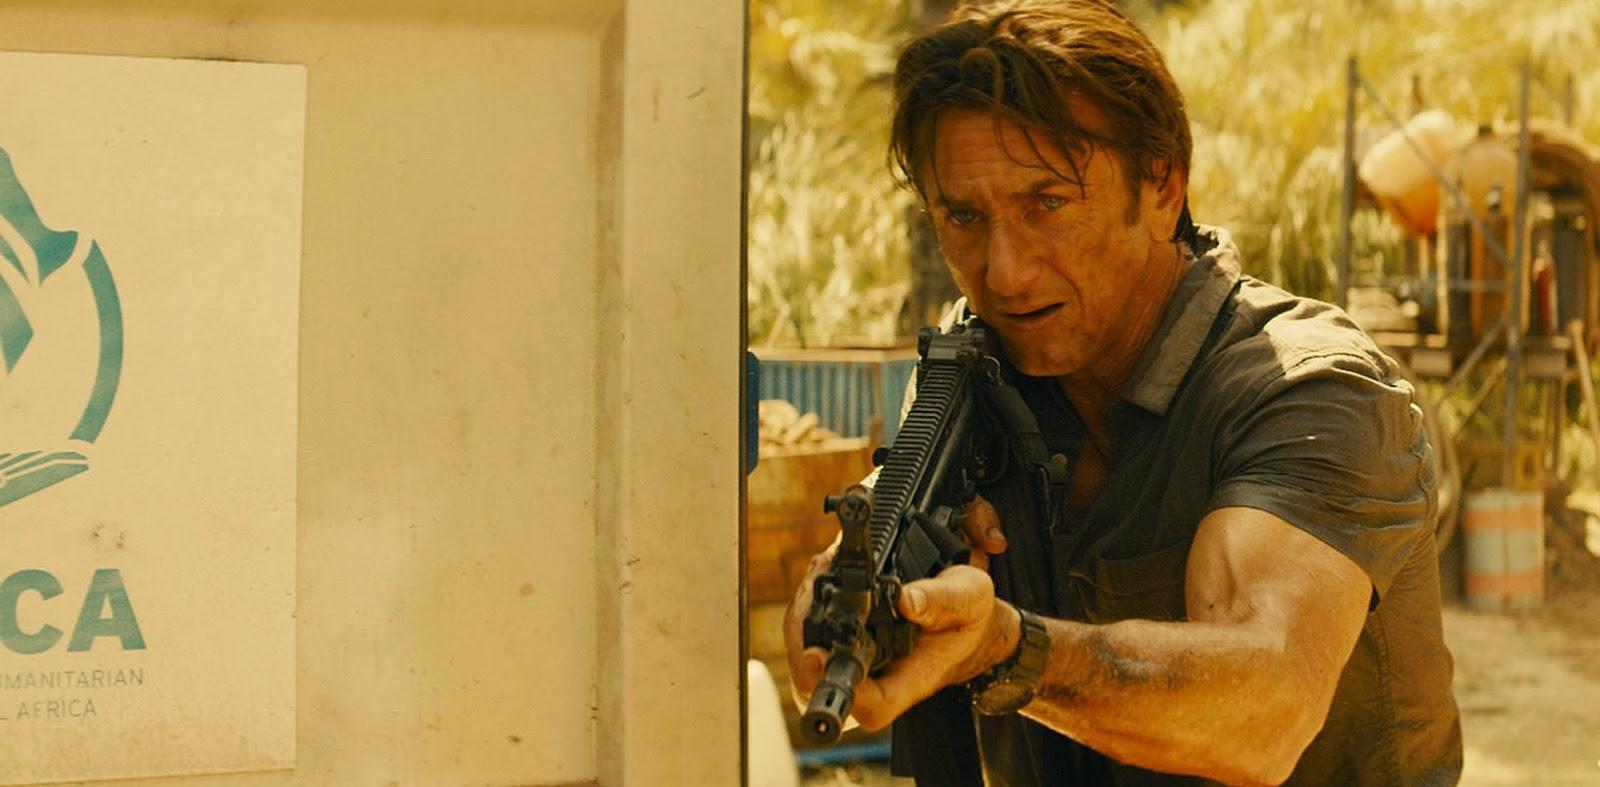 Sean Penn entra em ação no trailer de The Gunnan, com Javier Bardem e Idris Elba